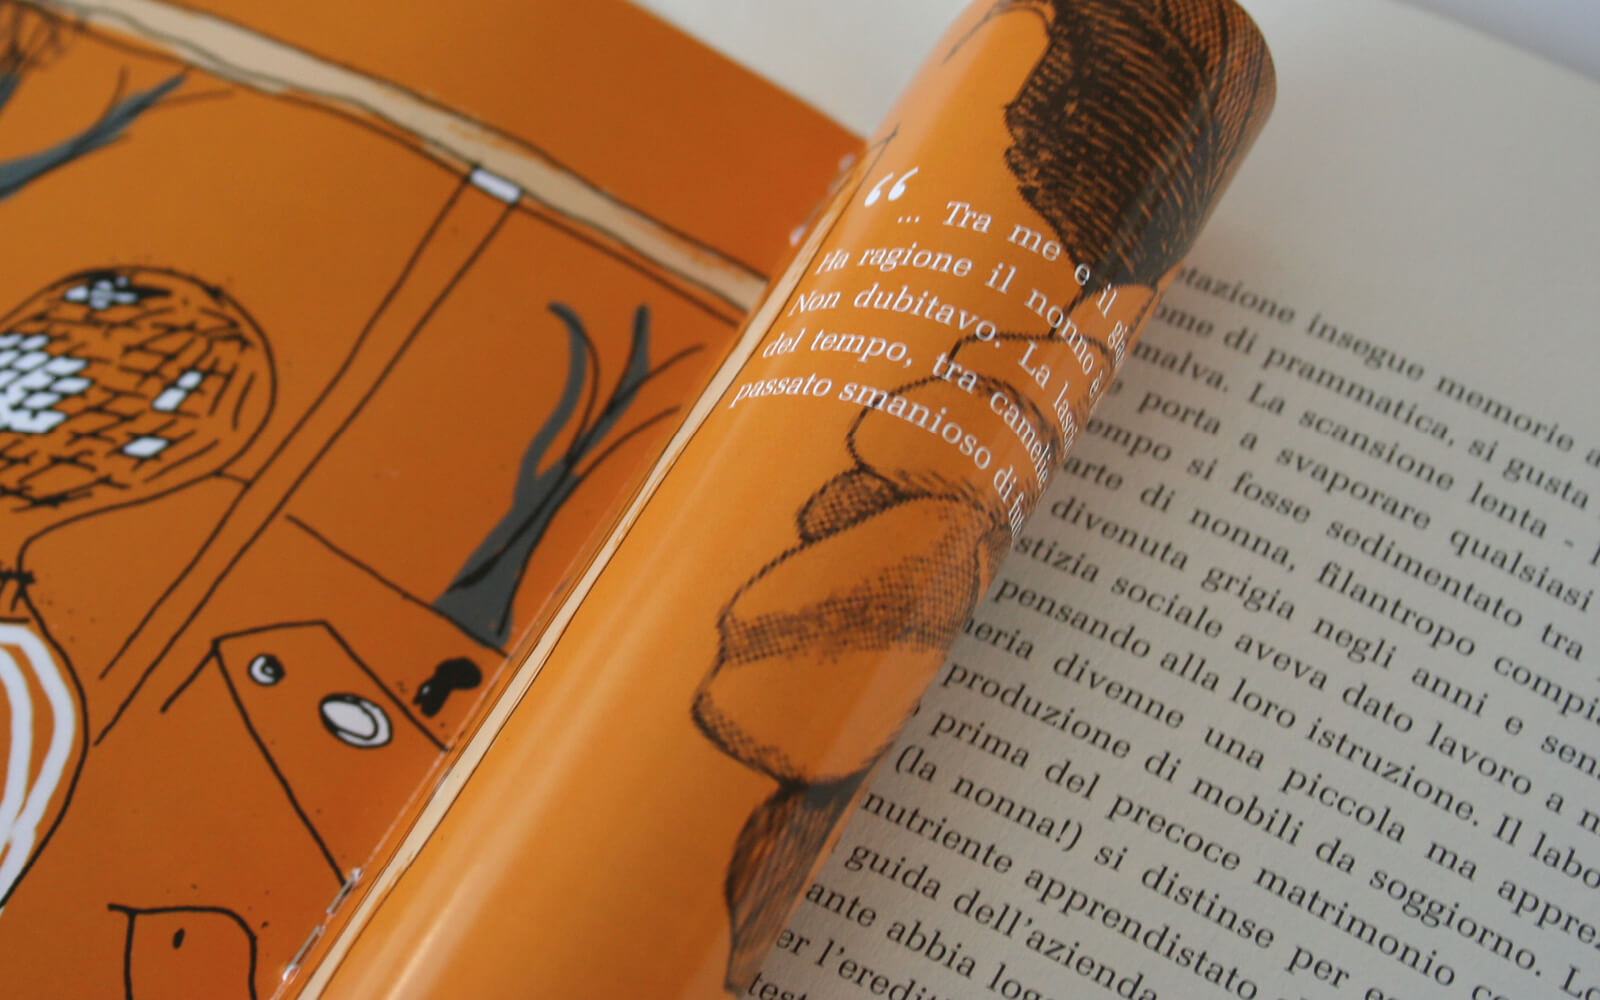 diade studio, dettaglio pagine interne del libro